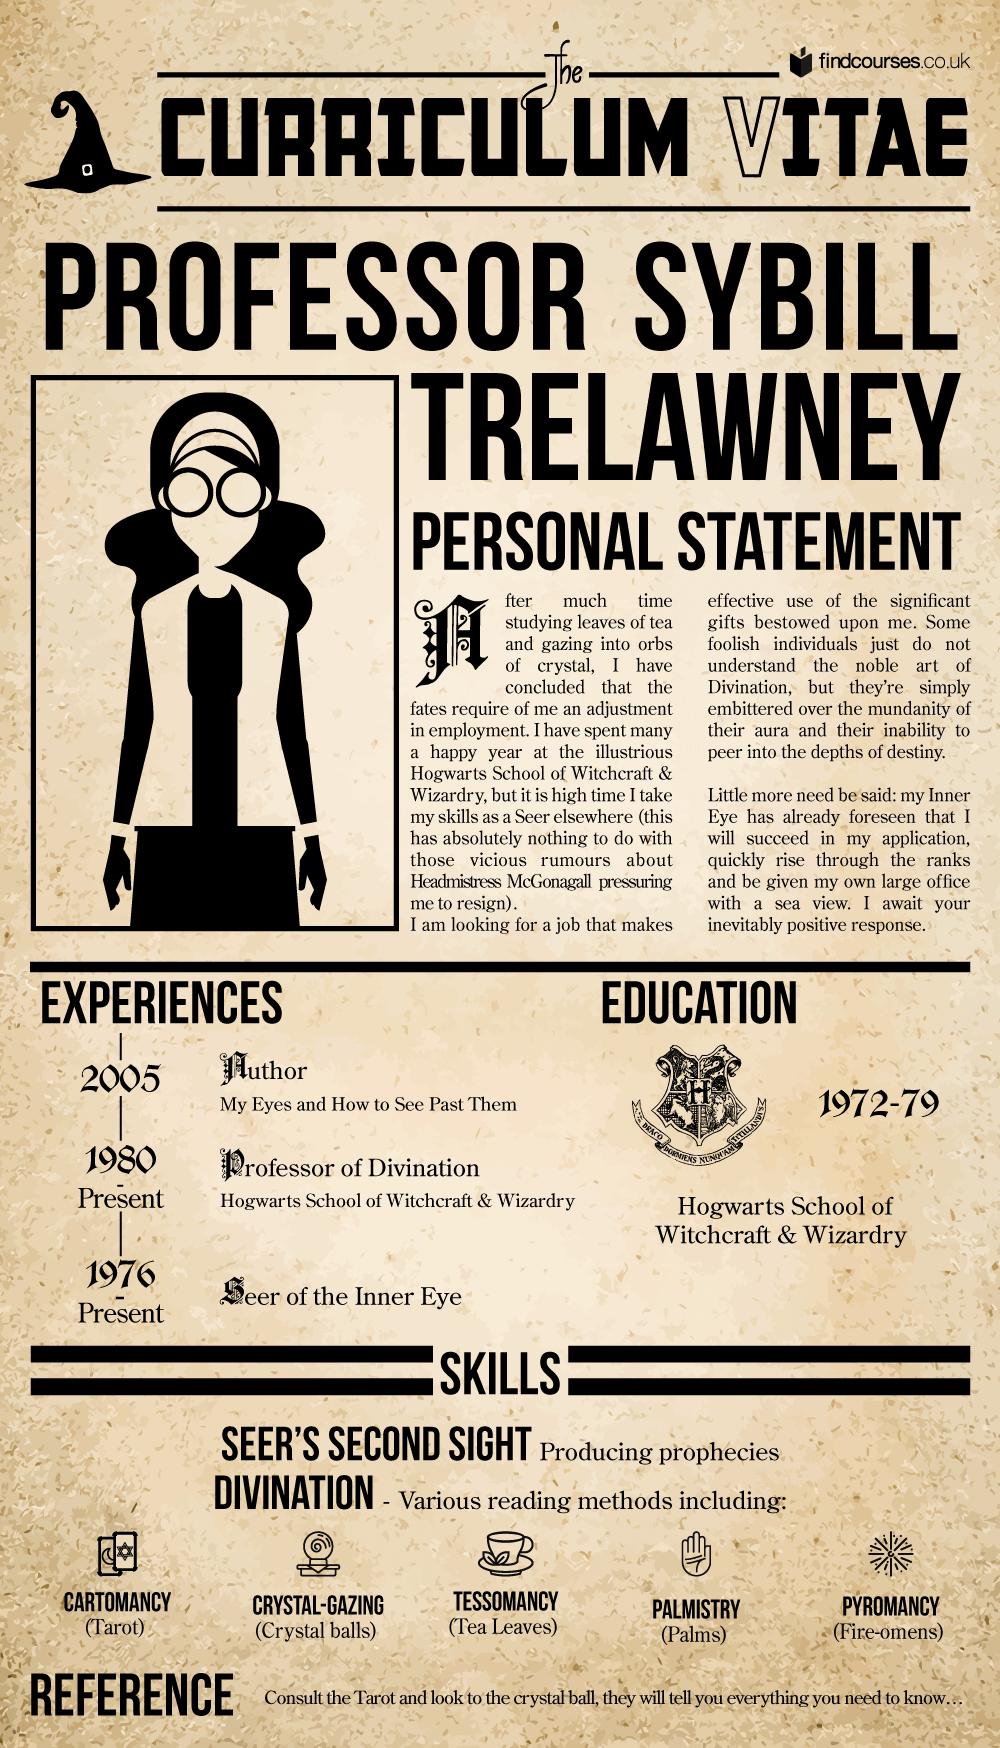 resume for Harry Potter professor sybill trelawney